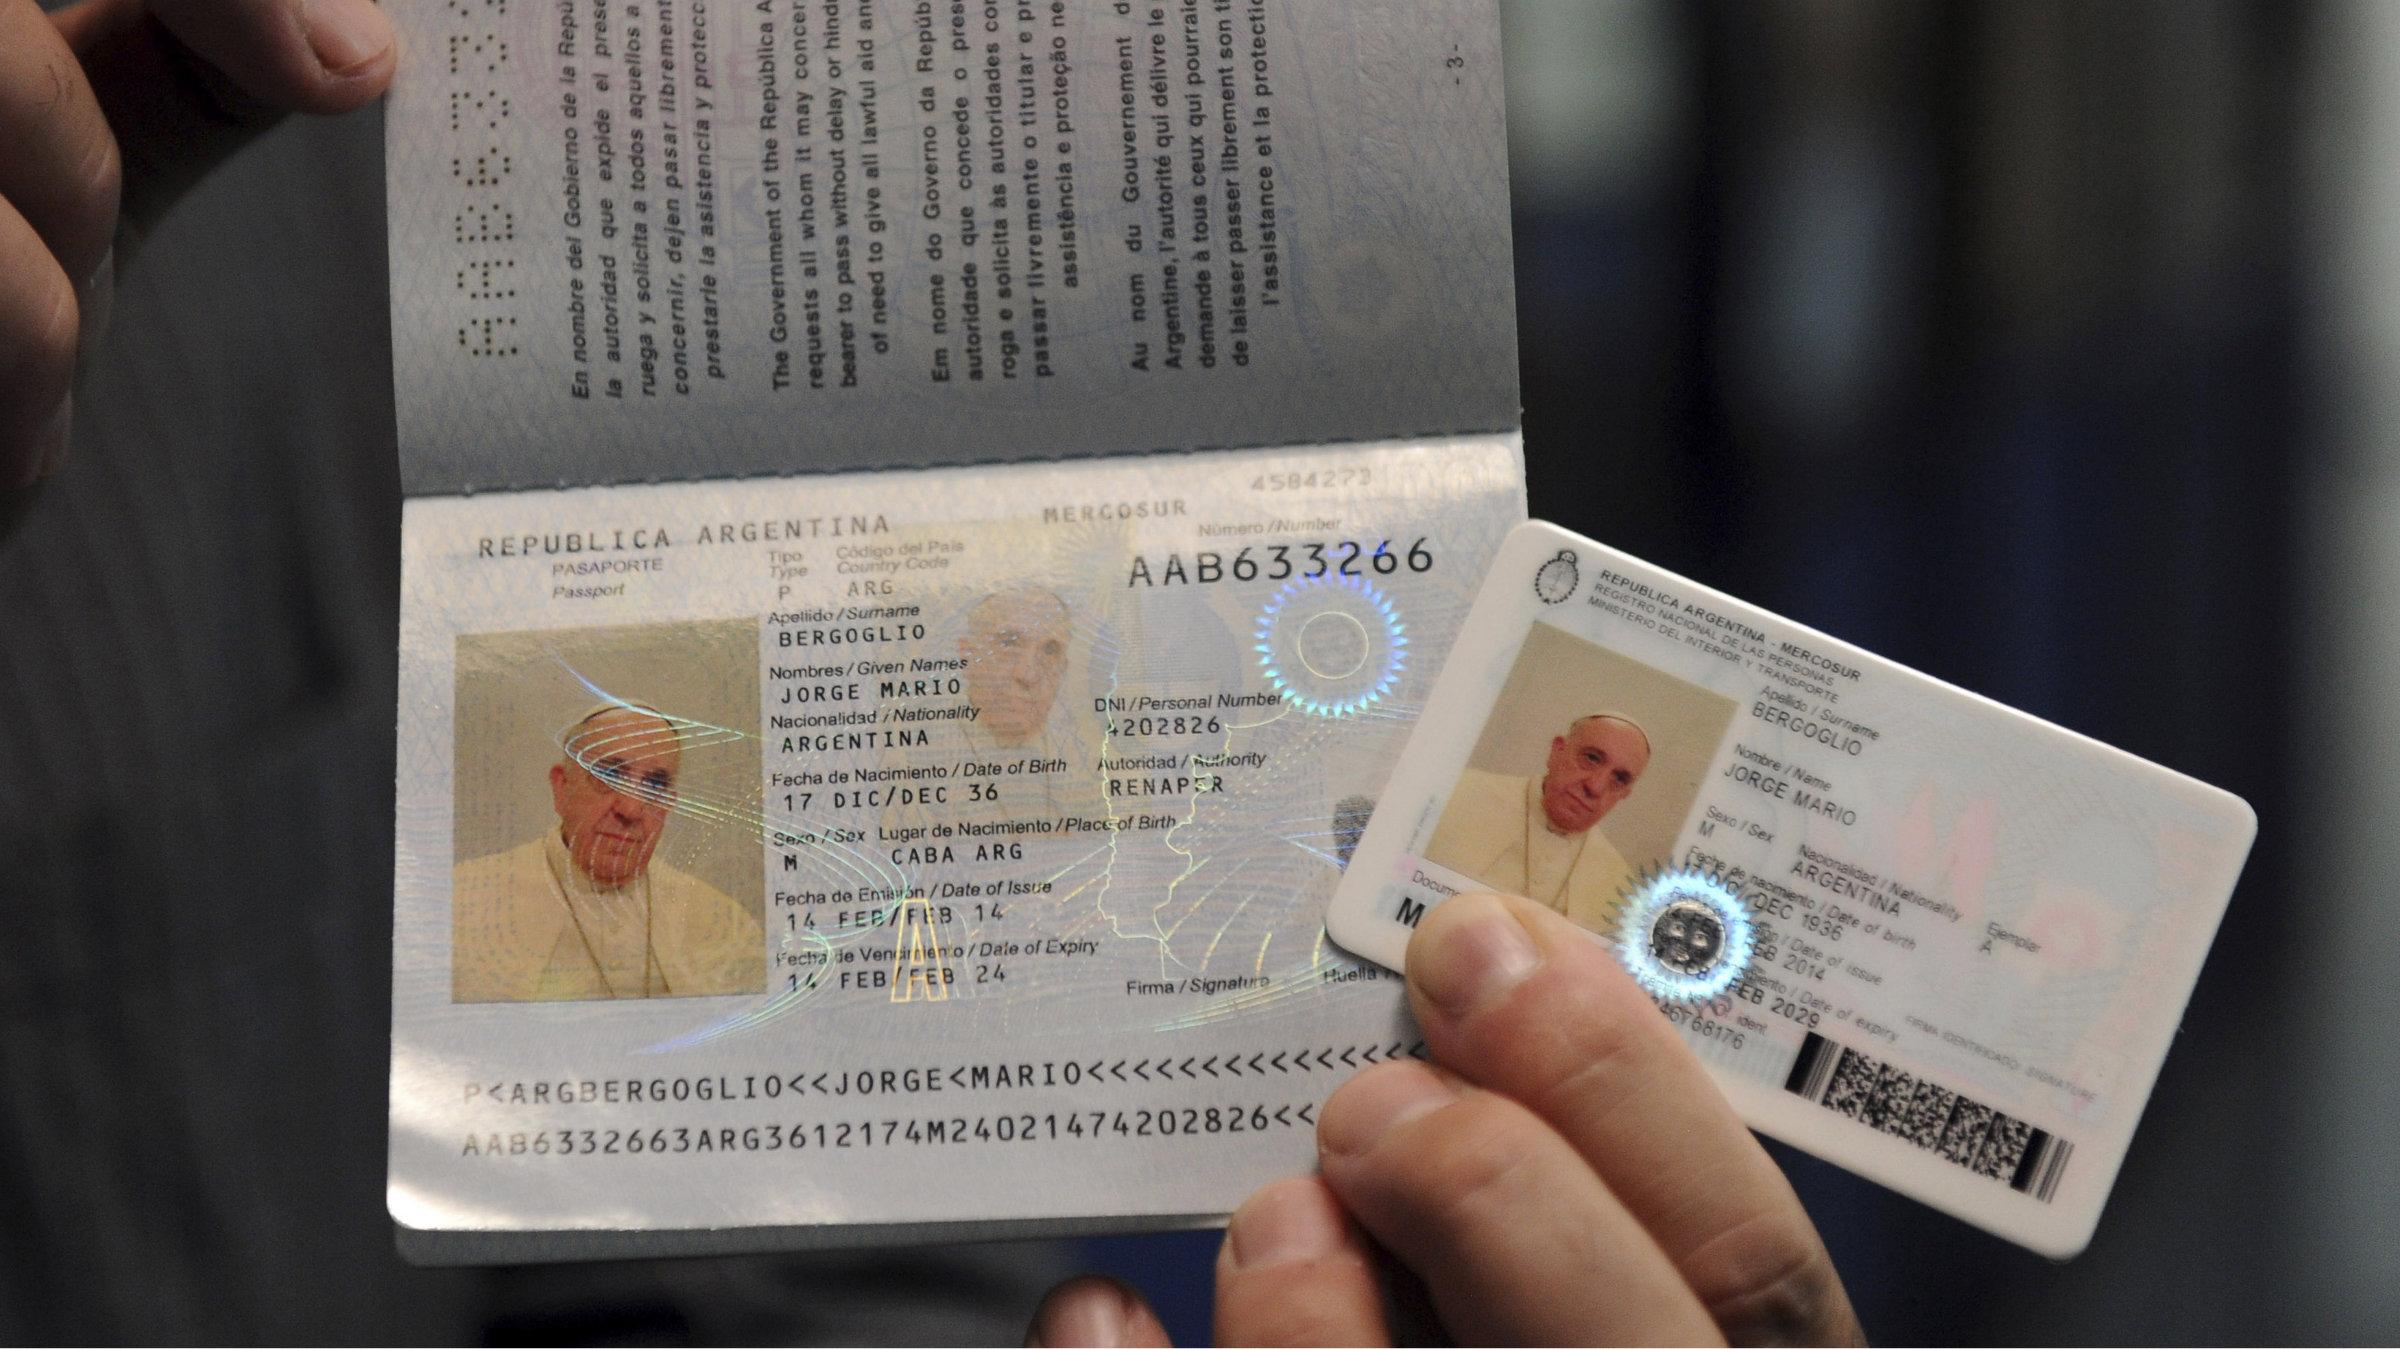 Pope's passport and ID